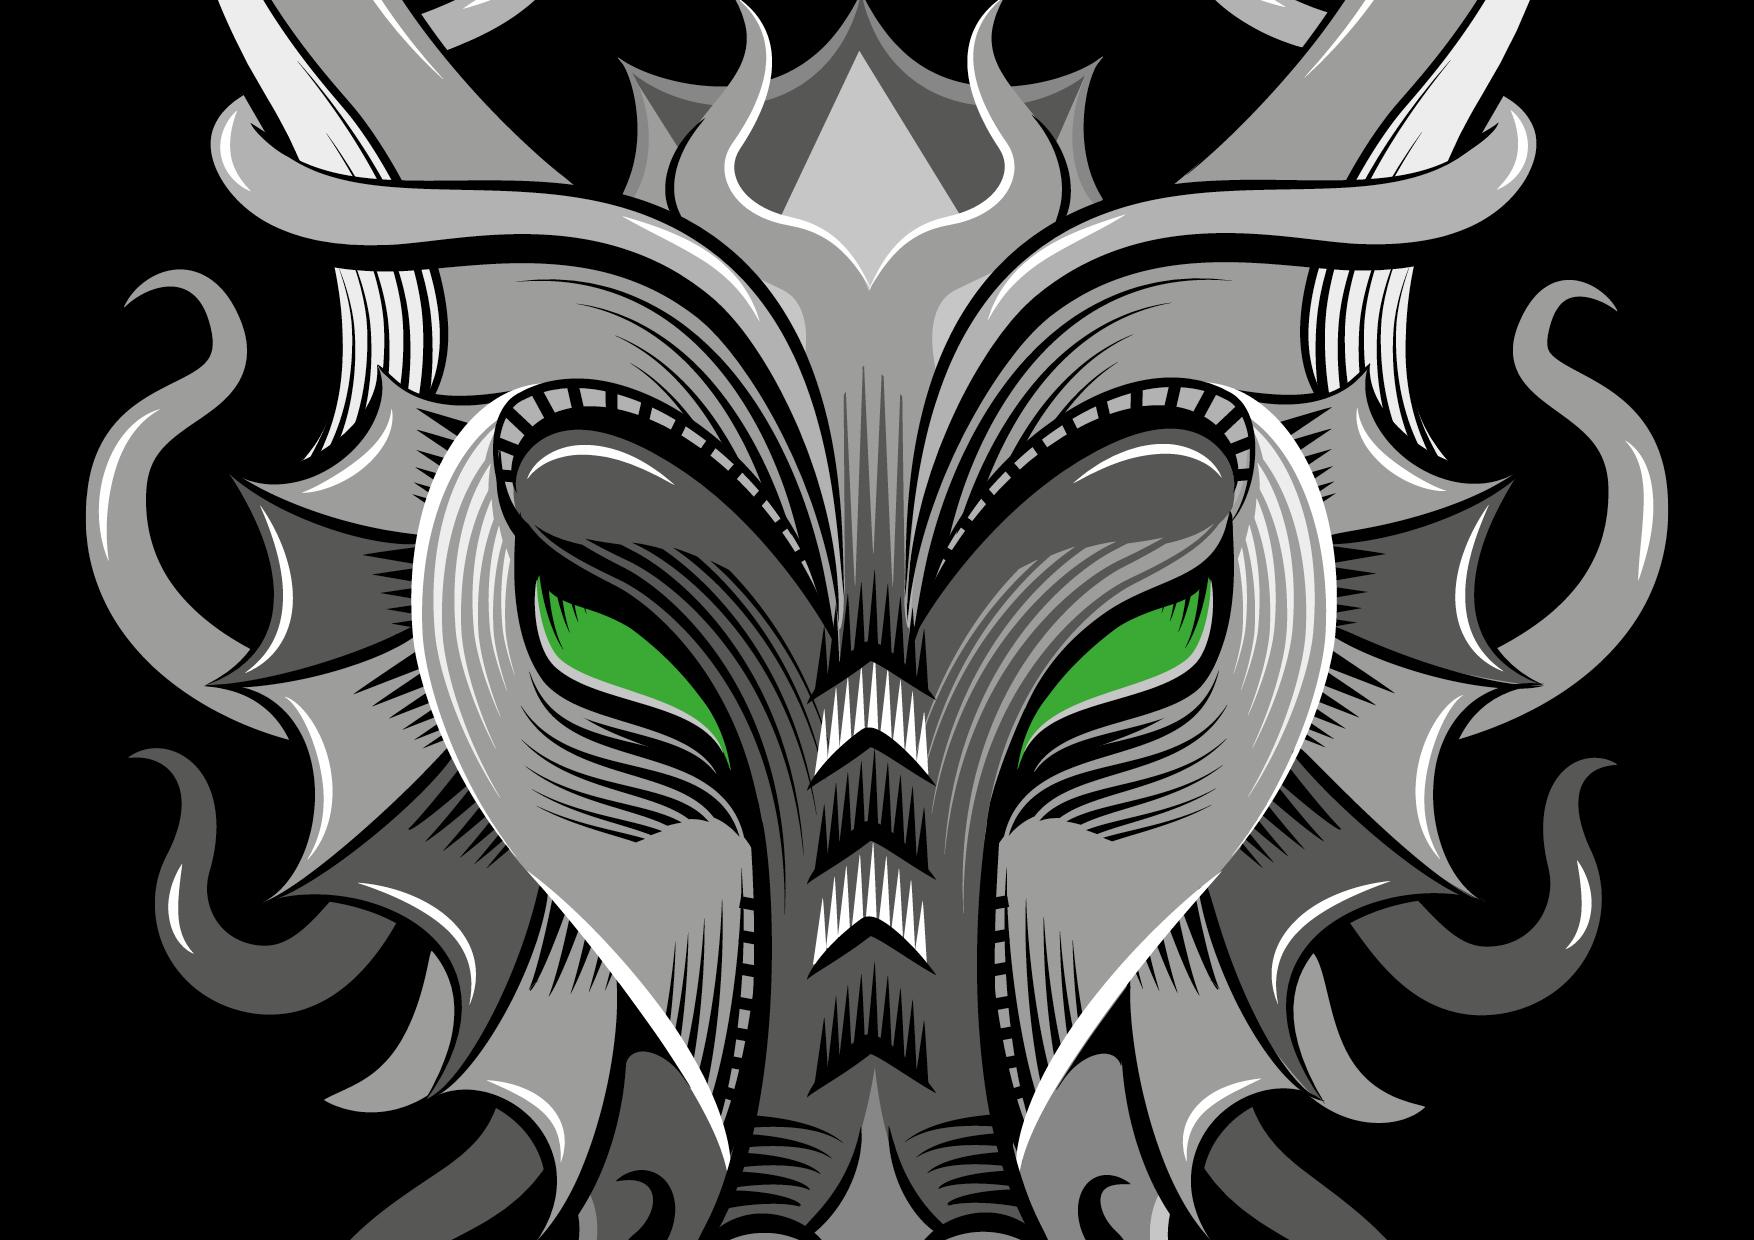 dragon_VandB_mayenne_zoom.jpg